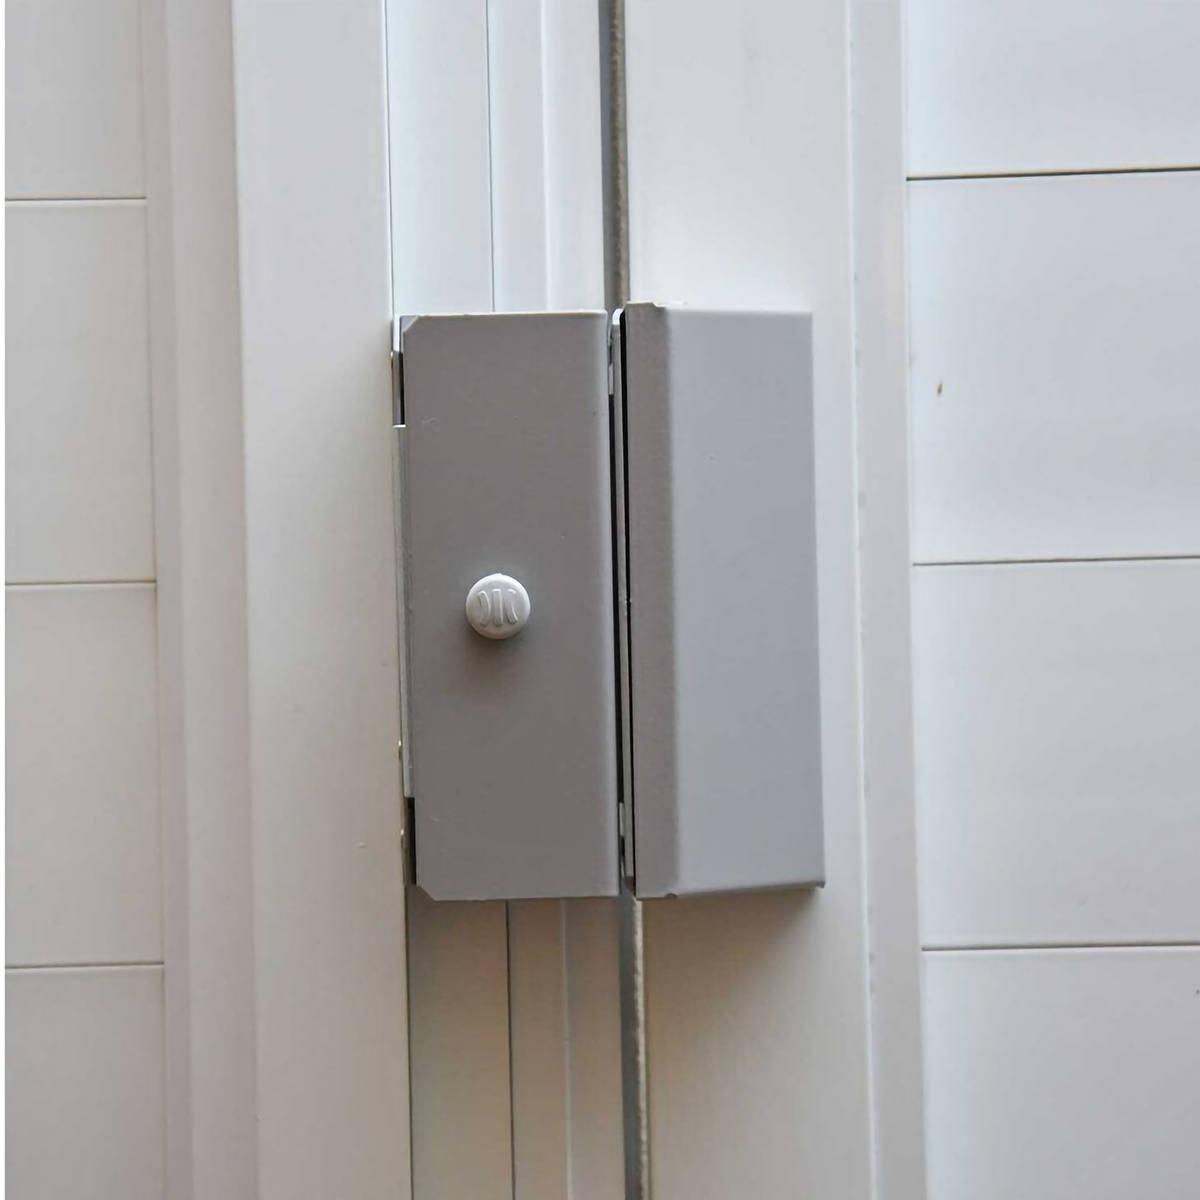 Fechadura Magnética com Trava Eletromagnética Tração de 150 Kg Pivotante ou Deslizante Ipec M150 Eco A2077